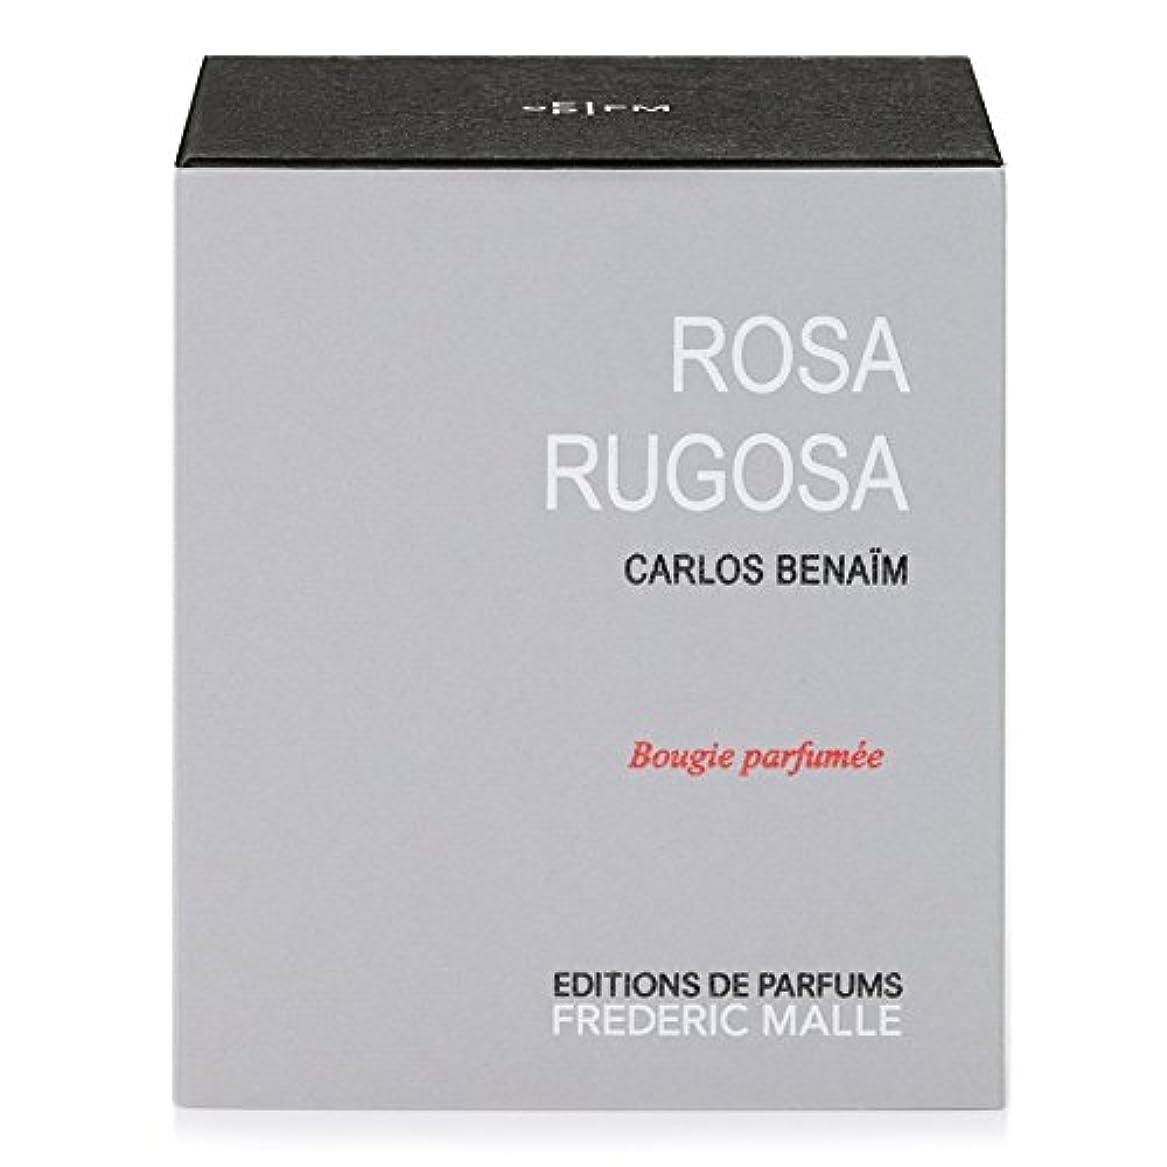 高く咳生まれFrederic Malle Rosa Rugosa Scented Candle (Pack of 2) - フレデリック?マルハマナスの香りのキャンドル x2 [並行輸入品]